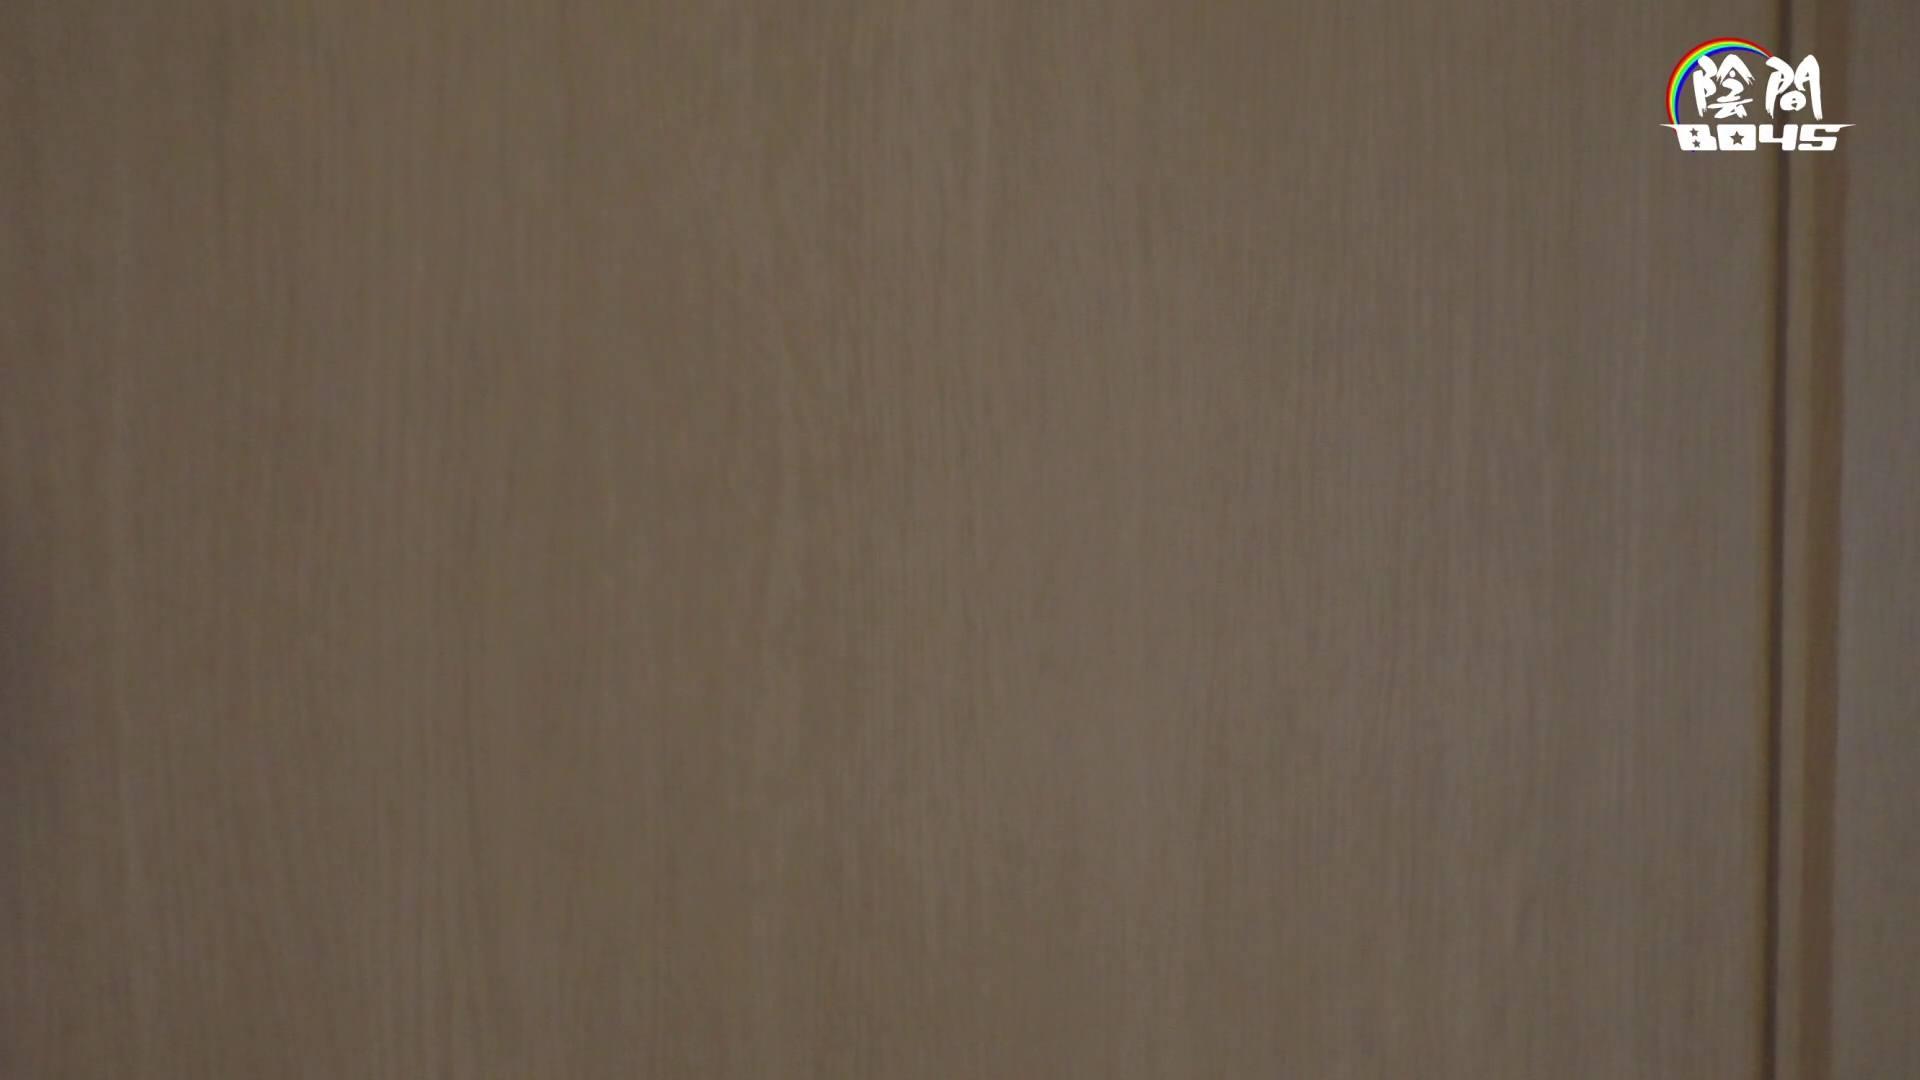 「君のアナルは」part2 ~ノンケの素顔~ Vol.03 アナルで大興奮 ゲイエロ動画紹介 59枚 47